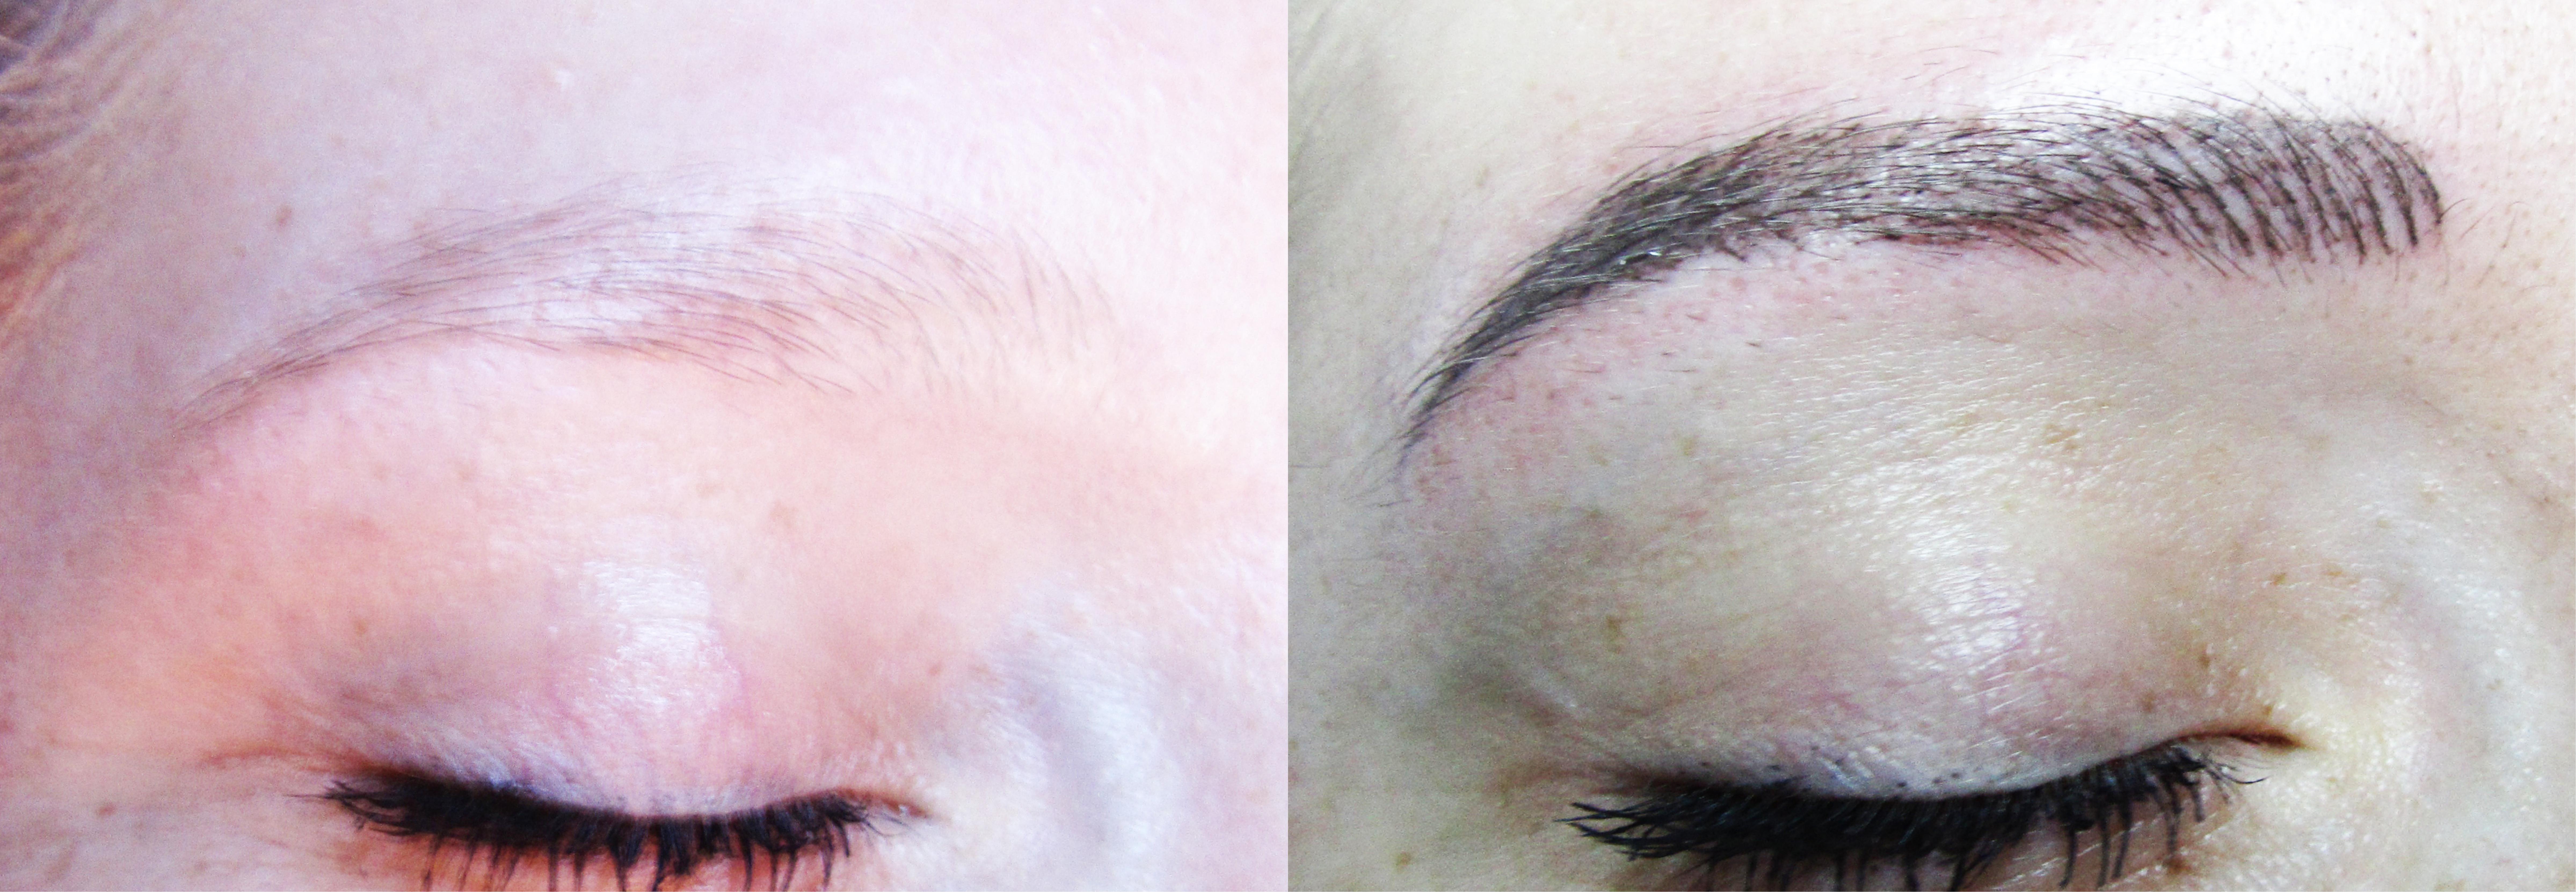 Permanent Make up Ulm Härchenzeichnung Microblading Vollschattierung